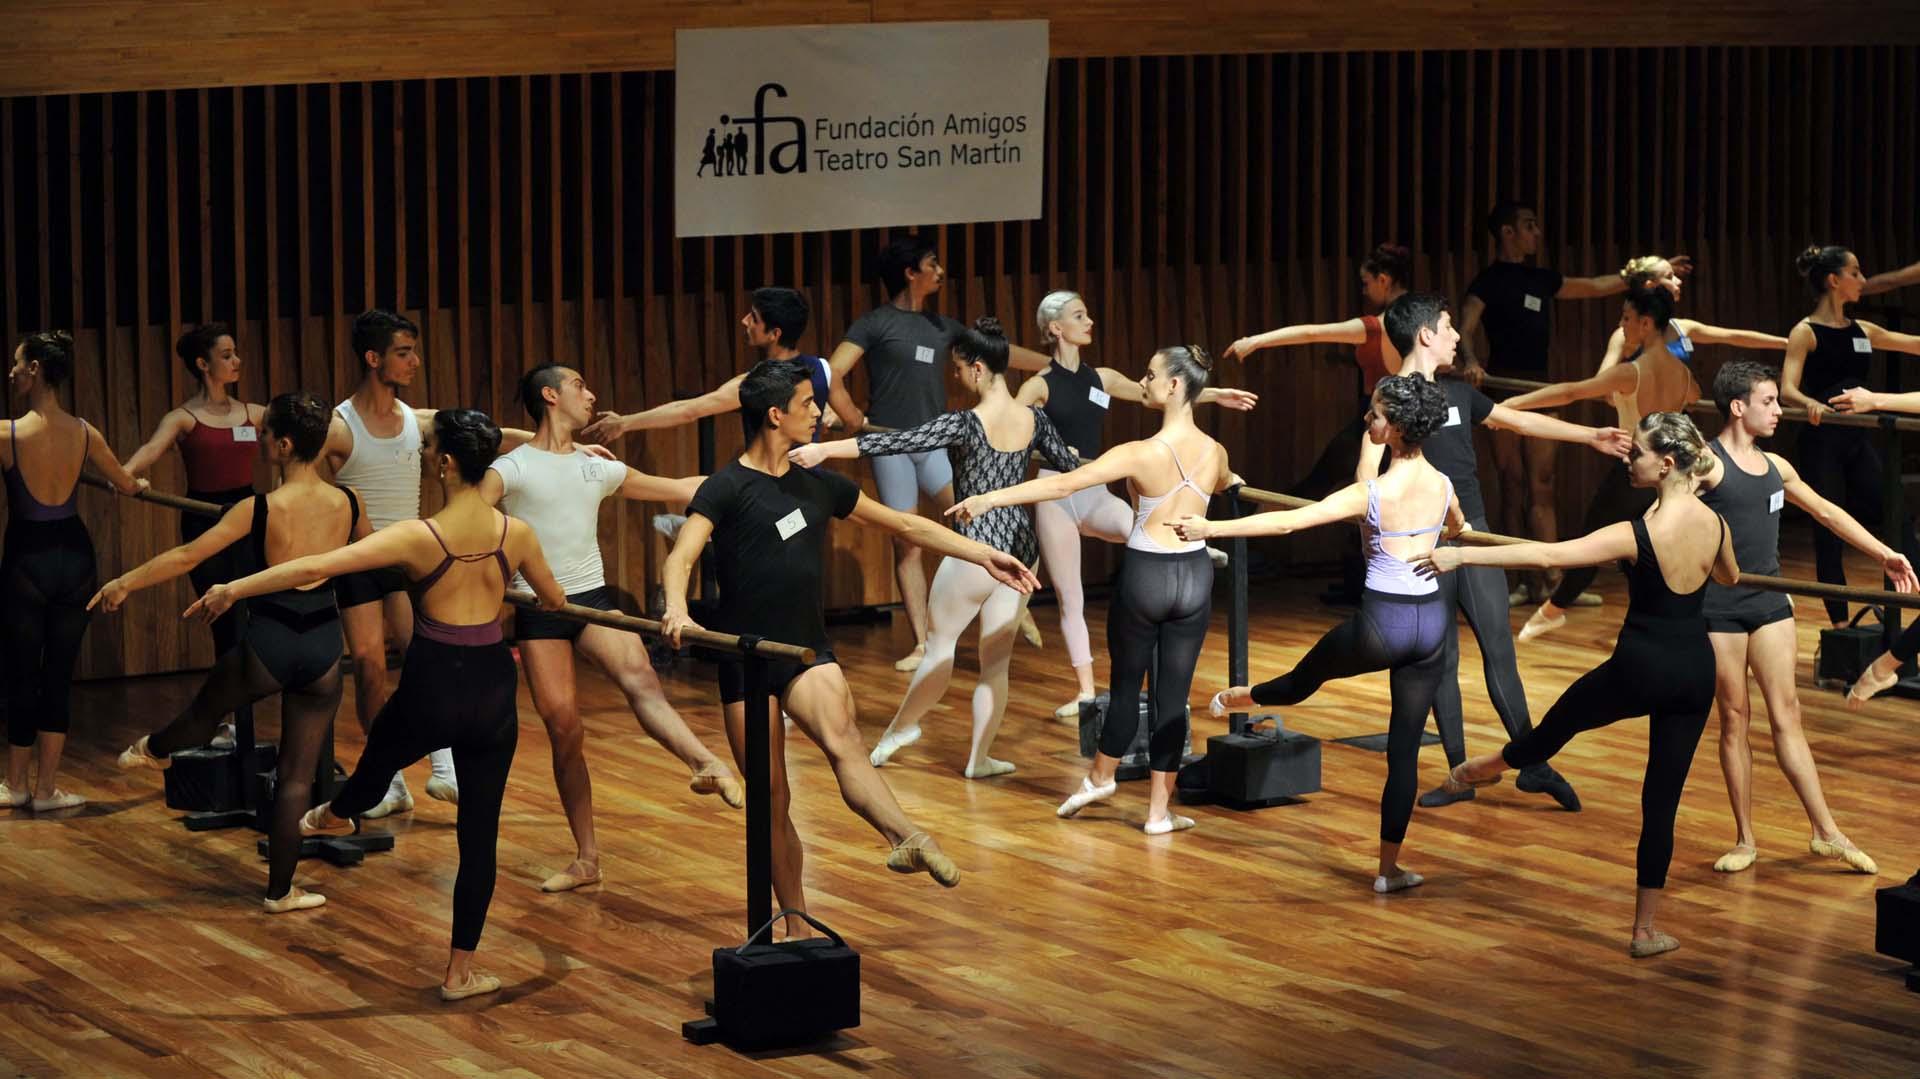 Los estudiantes demostraron sus habilidades en danza clásica y contemporánea, y en secuencias grupales de entre 4 y 5 bailarines